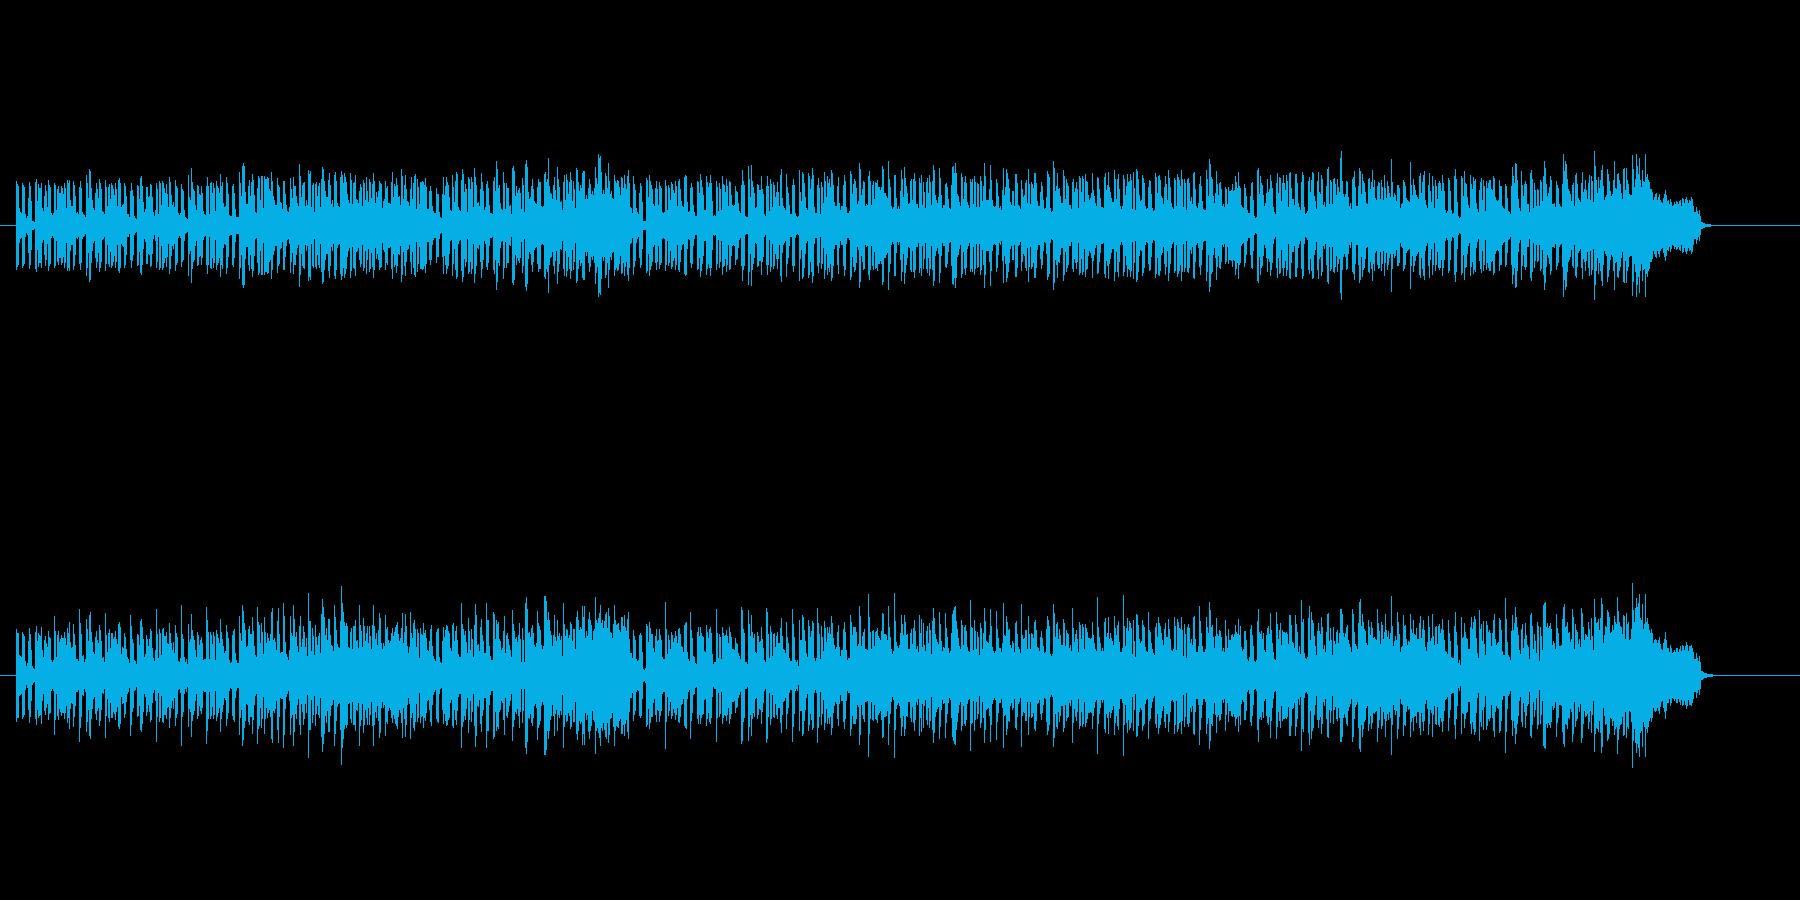 ミディアム・バラード・ポップスの再生済みの波形